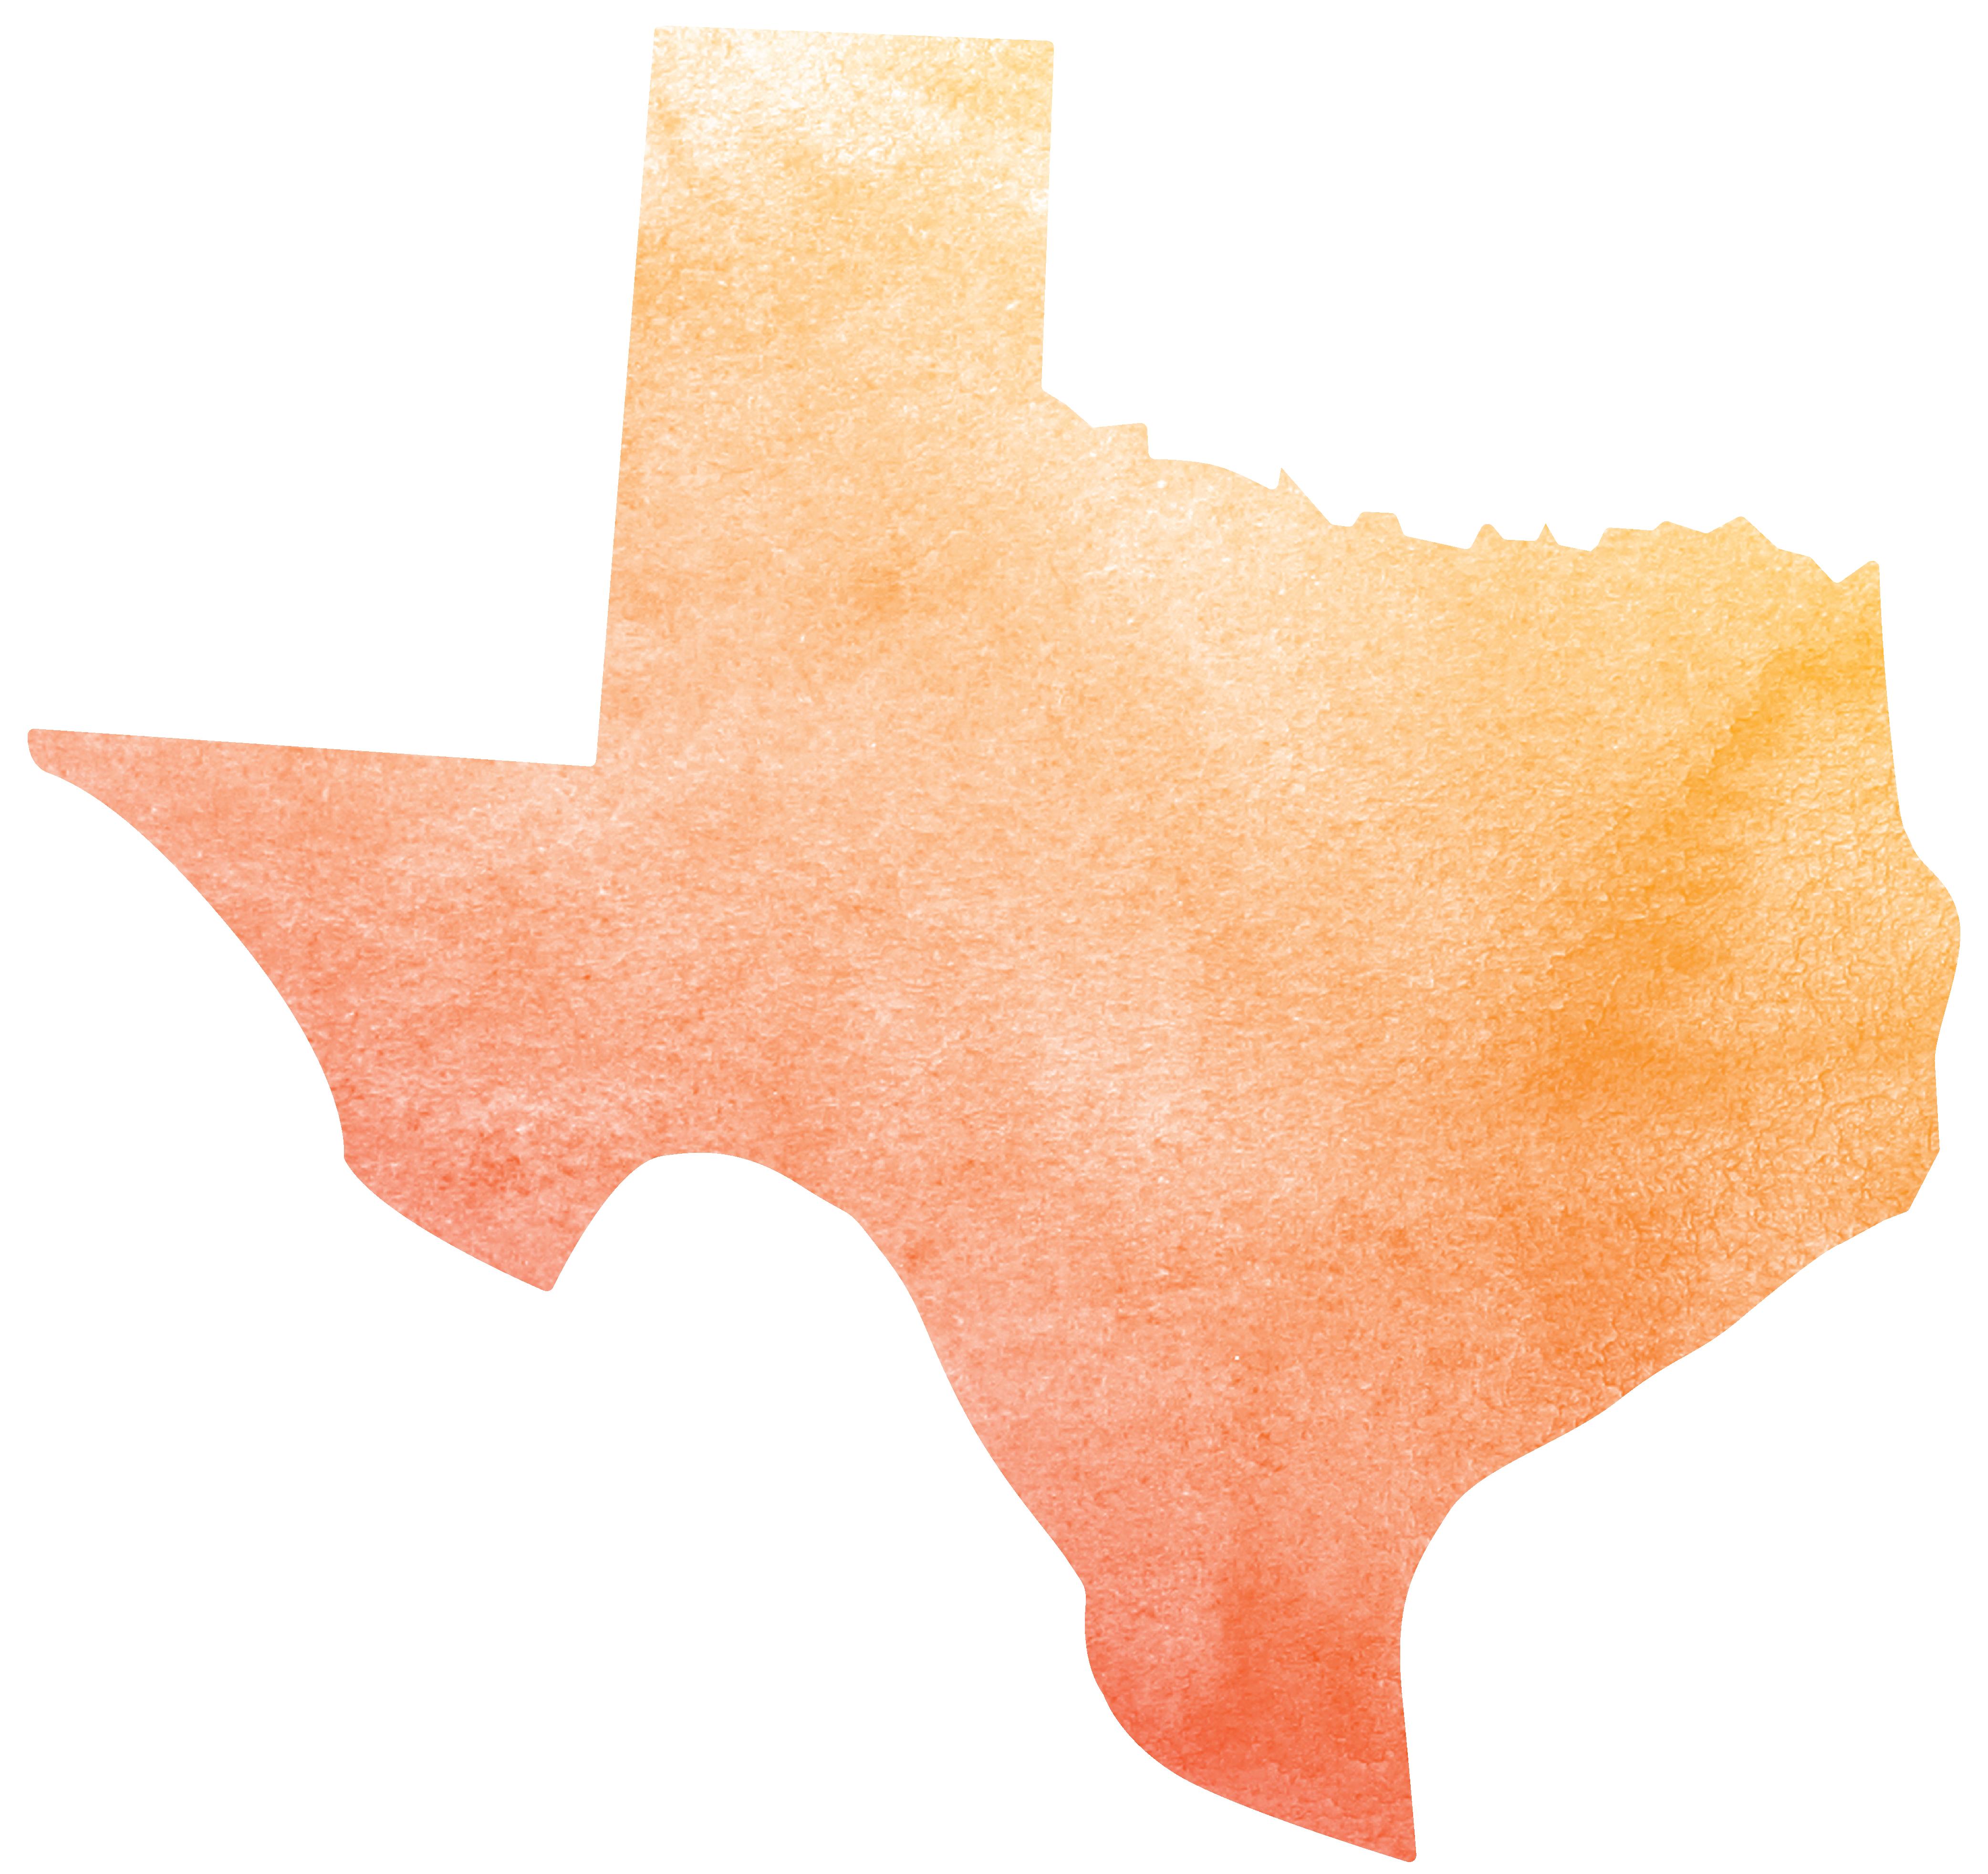 Texas icon in watercolor